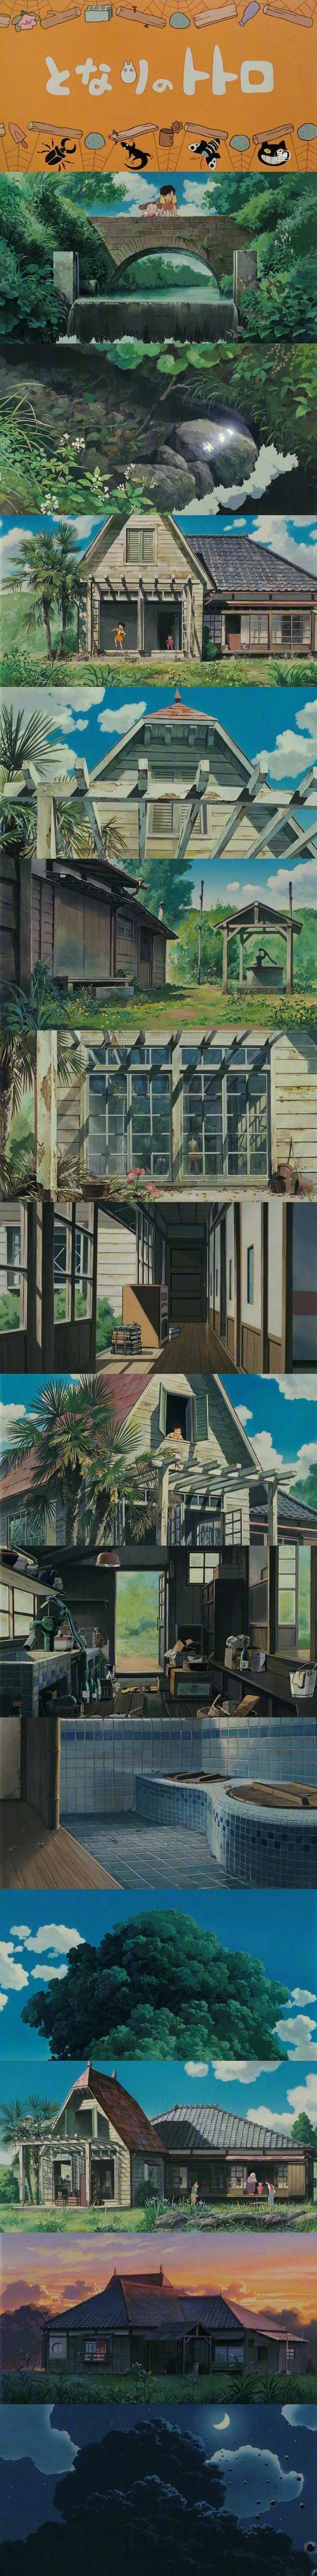 那些年宫崎骏带给我们的美好!动画壁纸特辑_图片 No.6